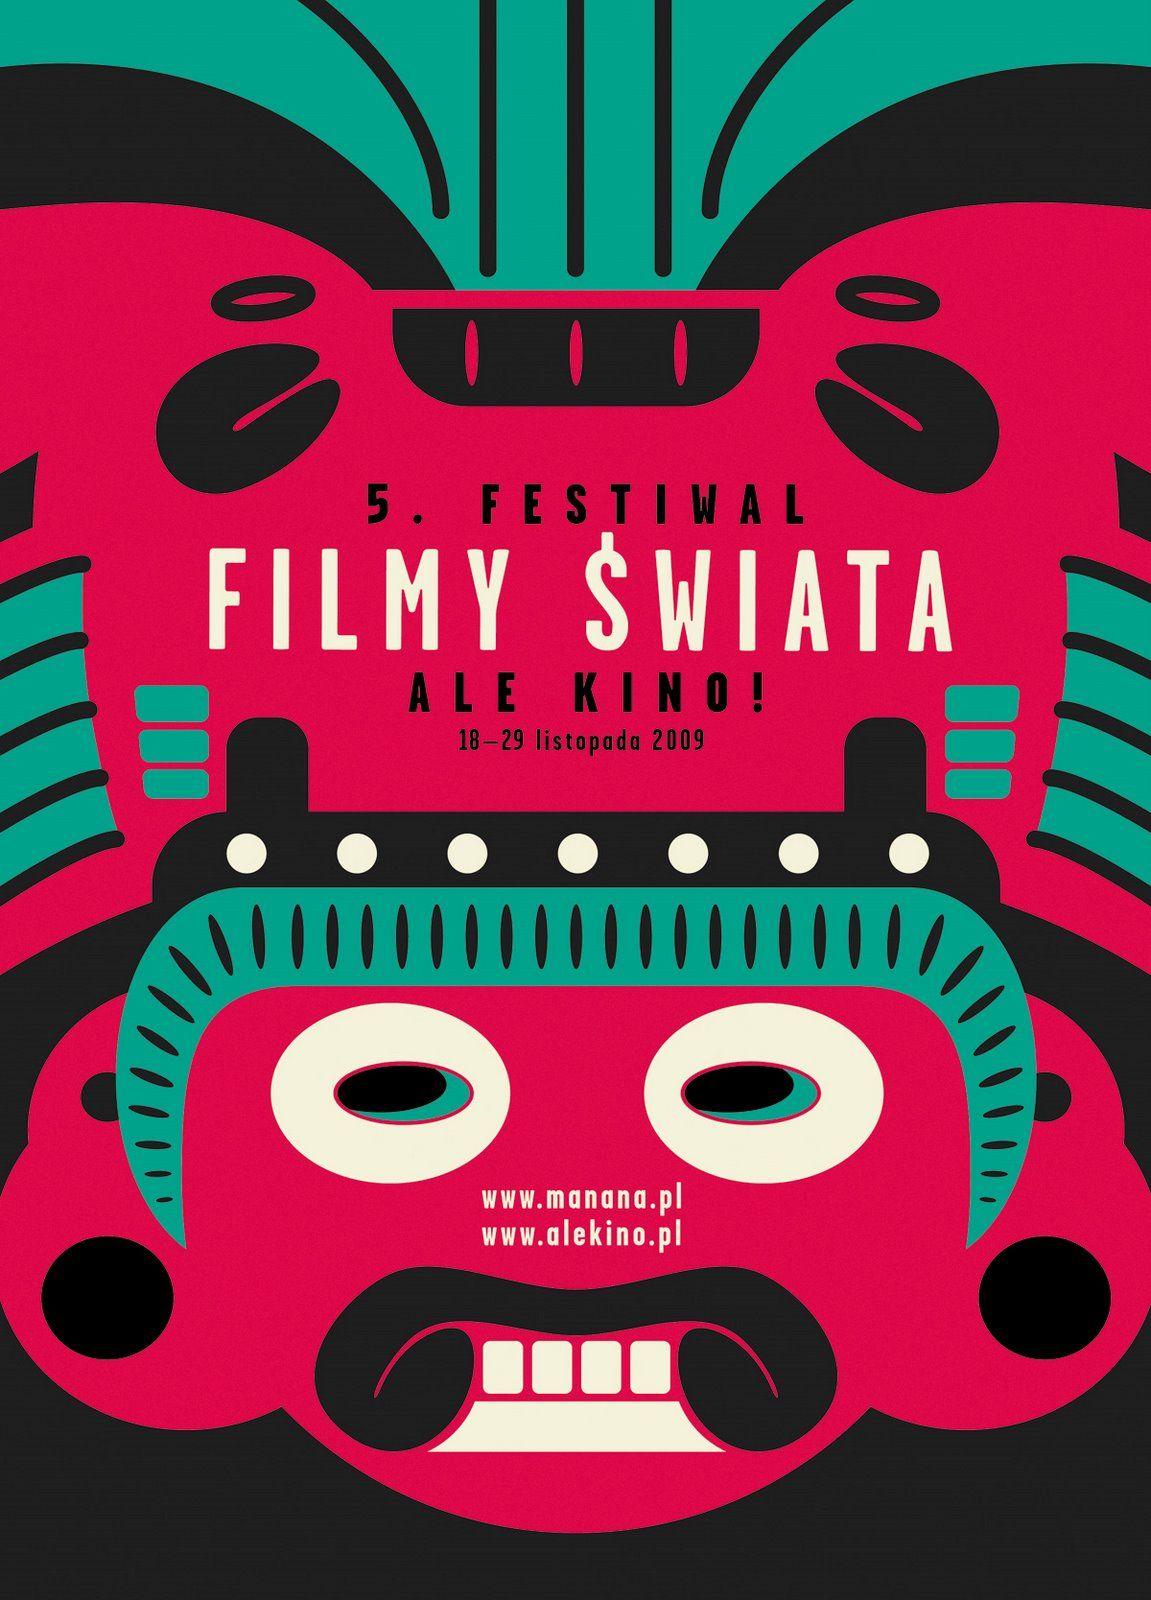 Filmy Swiata by Cartel Polaco #poster